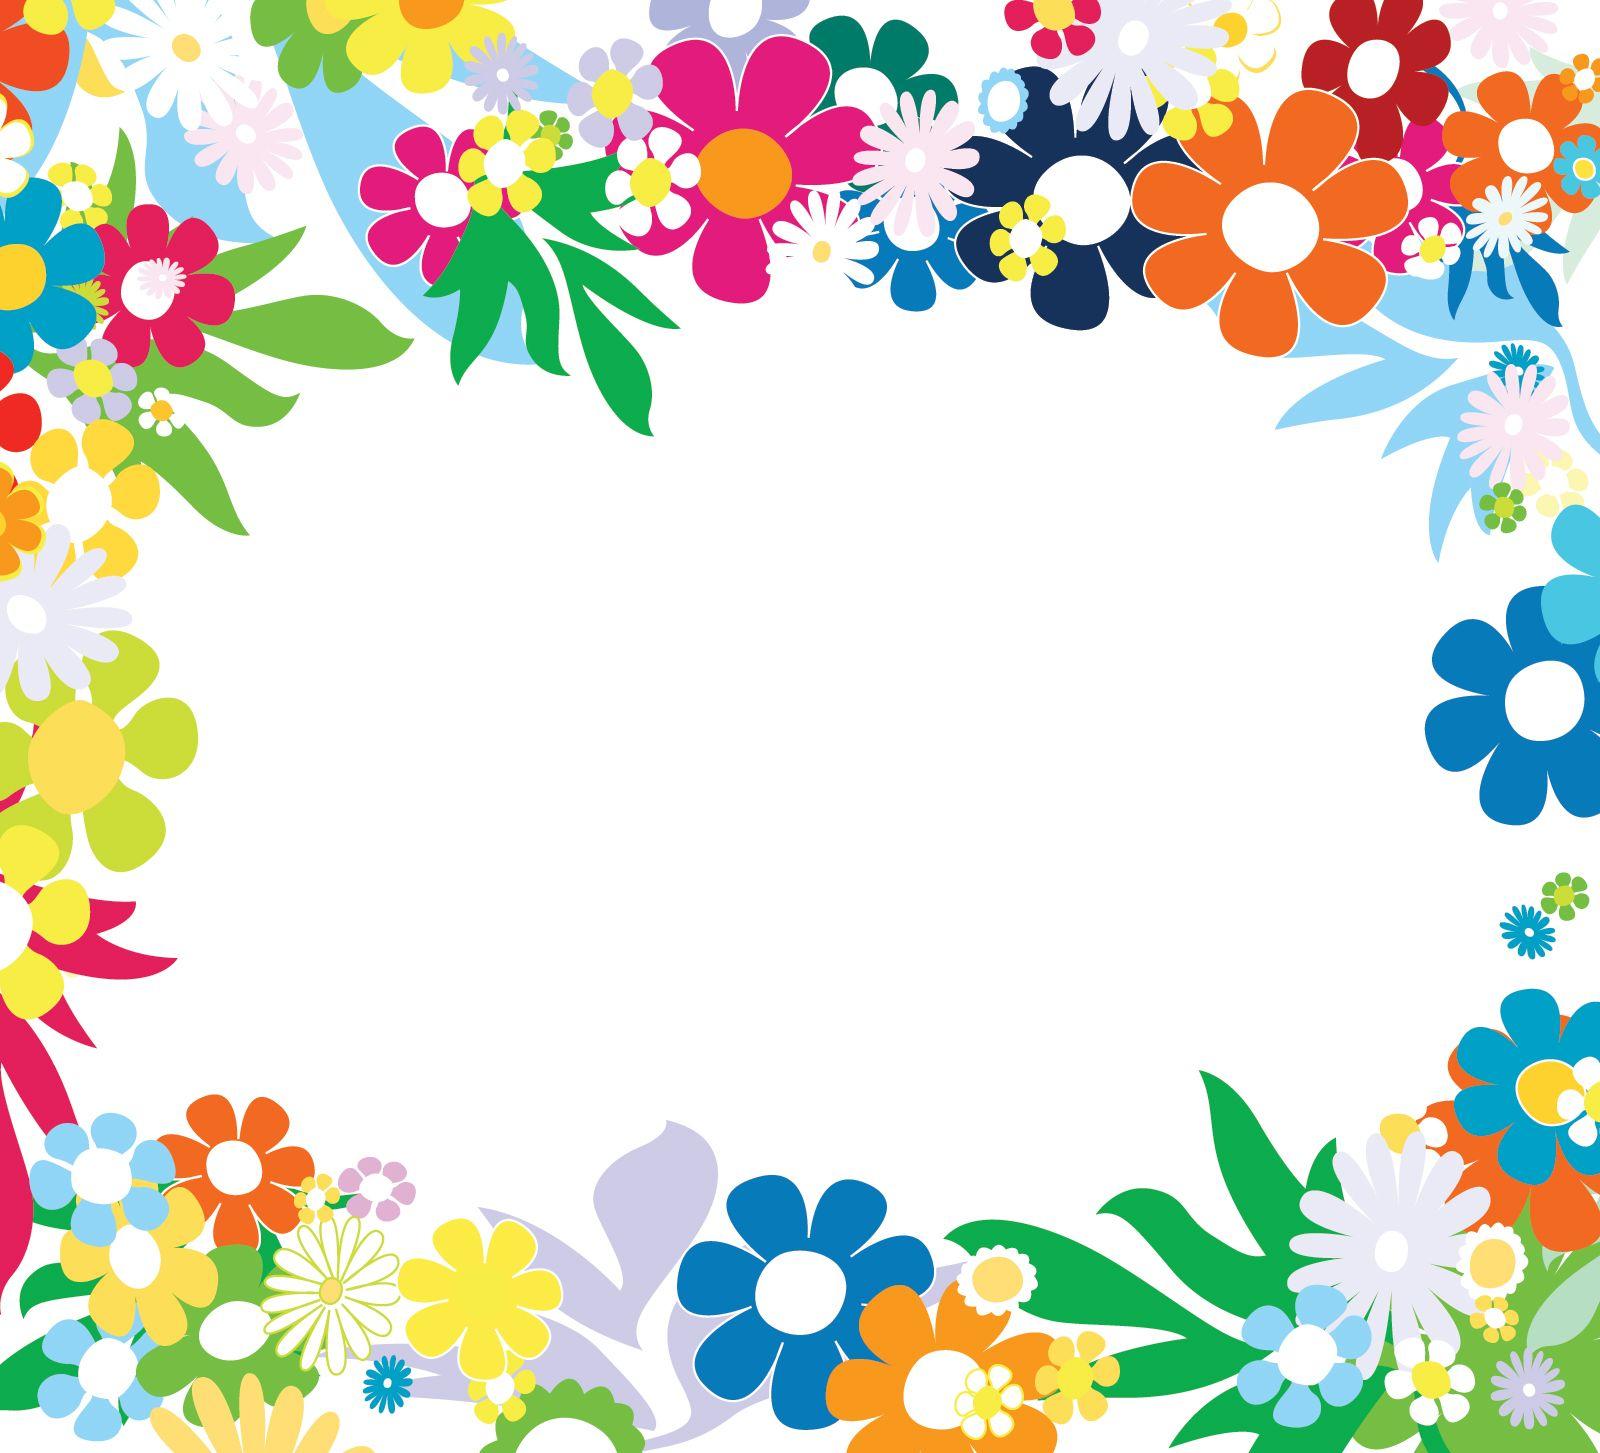 Floral Colorful Frames | Flower frame, Flower template, Flower border